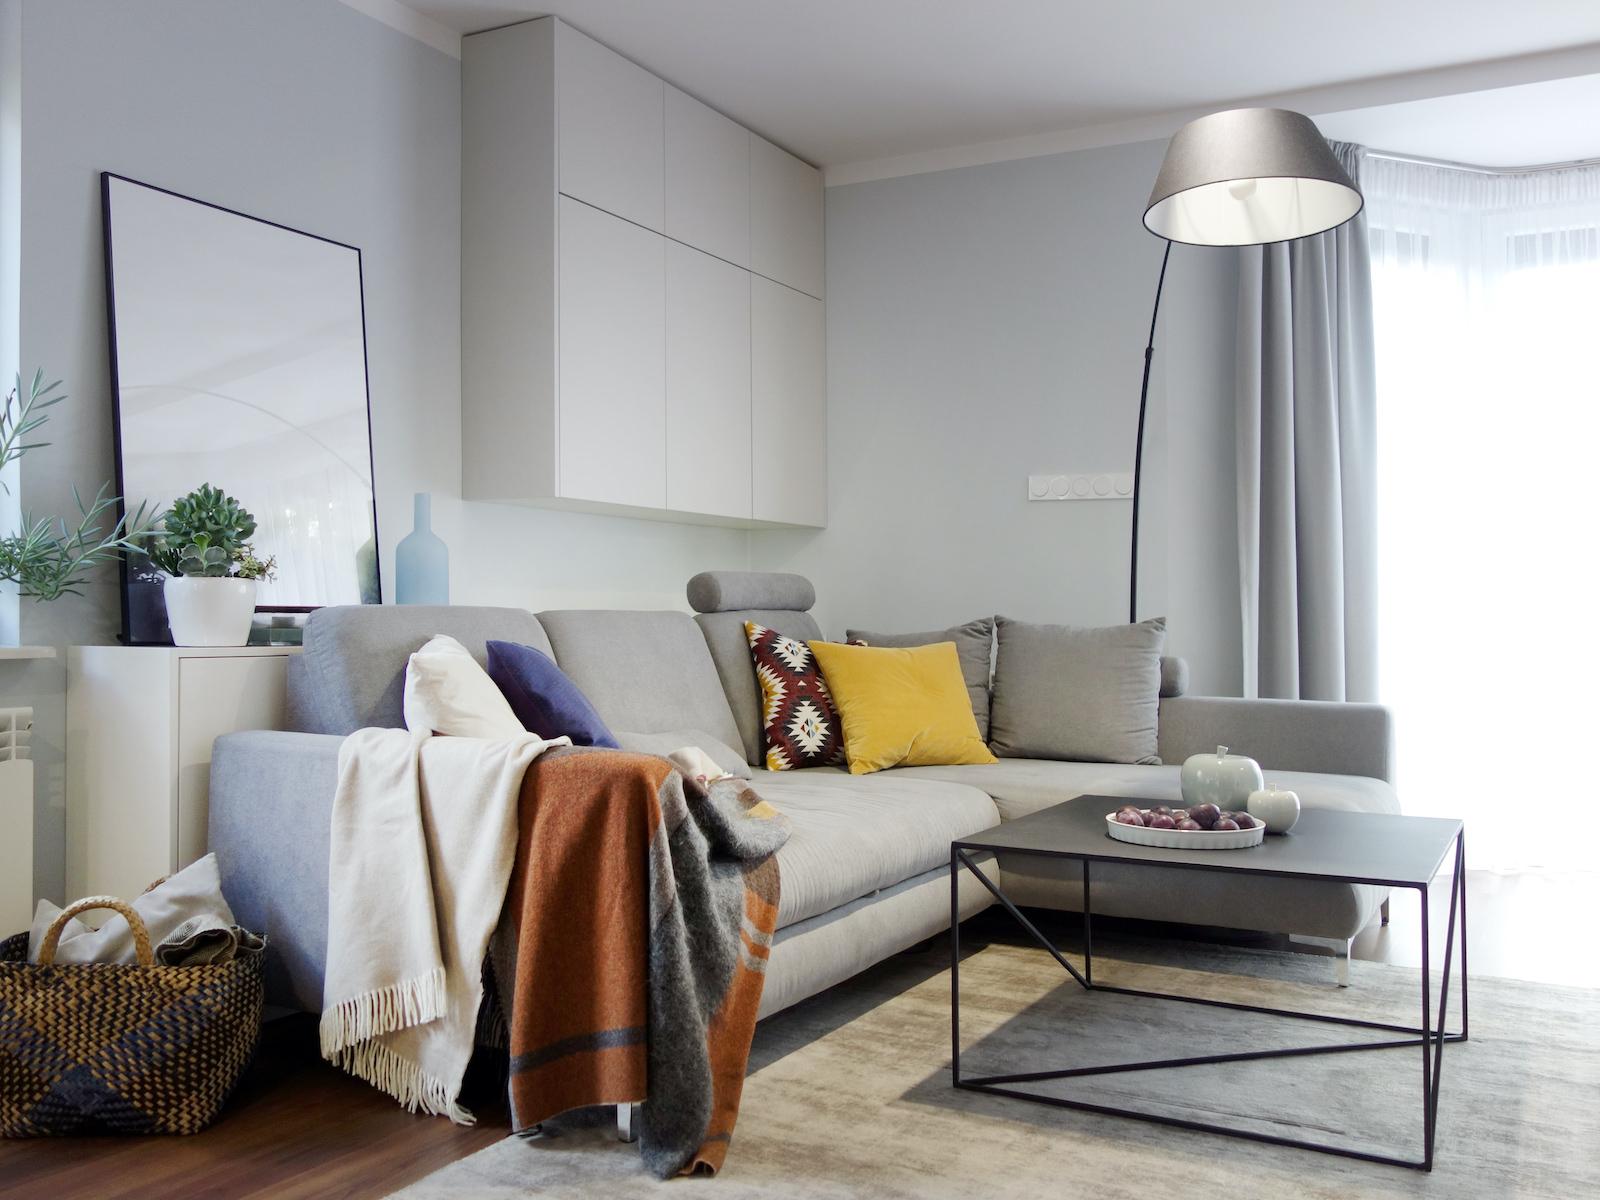 4 projektant wnetrz R056 dom dabrowa gornicza salon szara sofa czarny stolik maetalowy jasny dywan